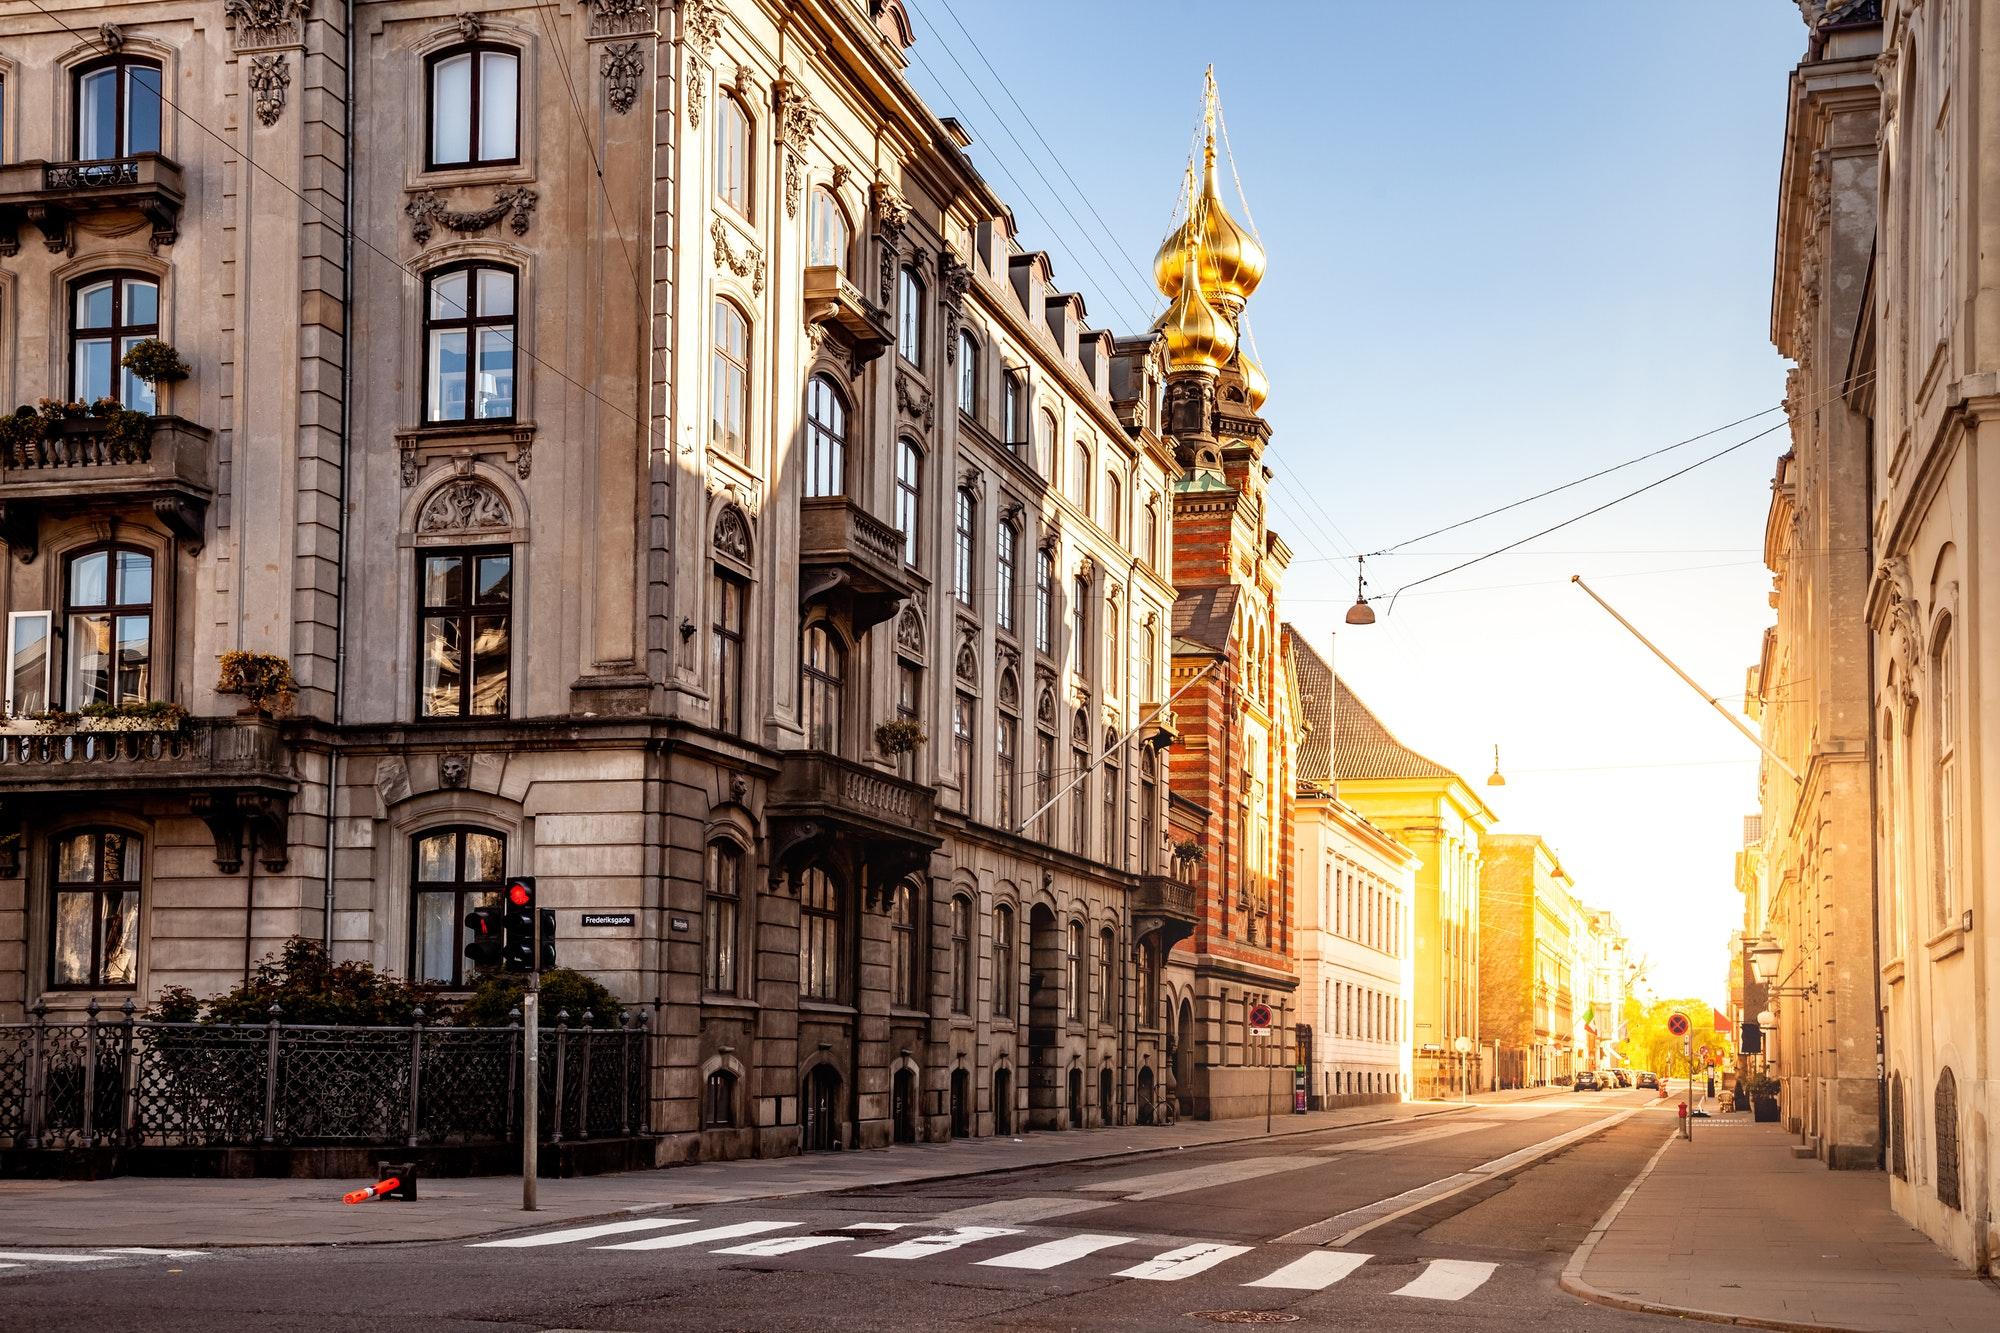 COPENHAGEN, DENMARK - MAY 6, 2018